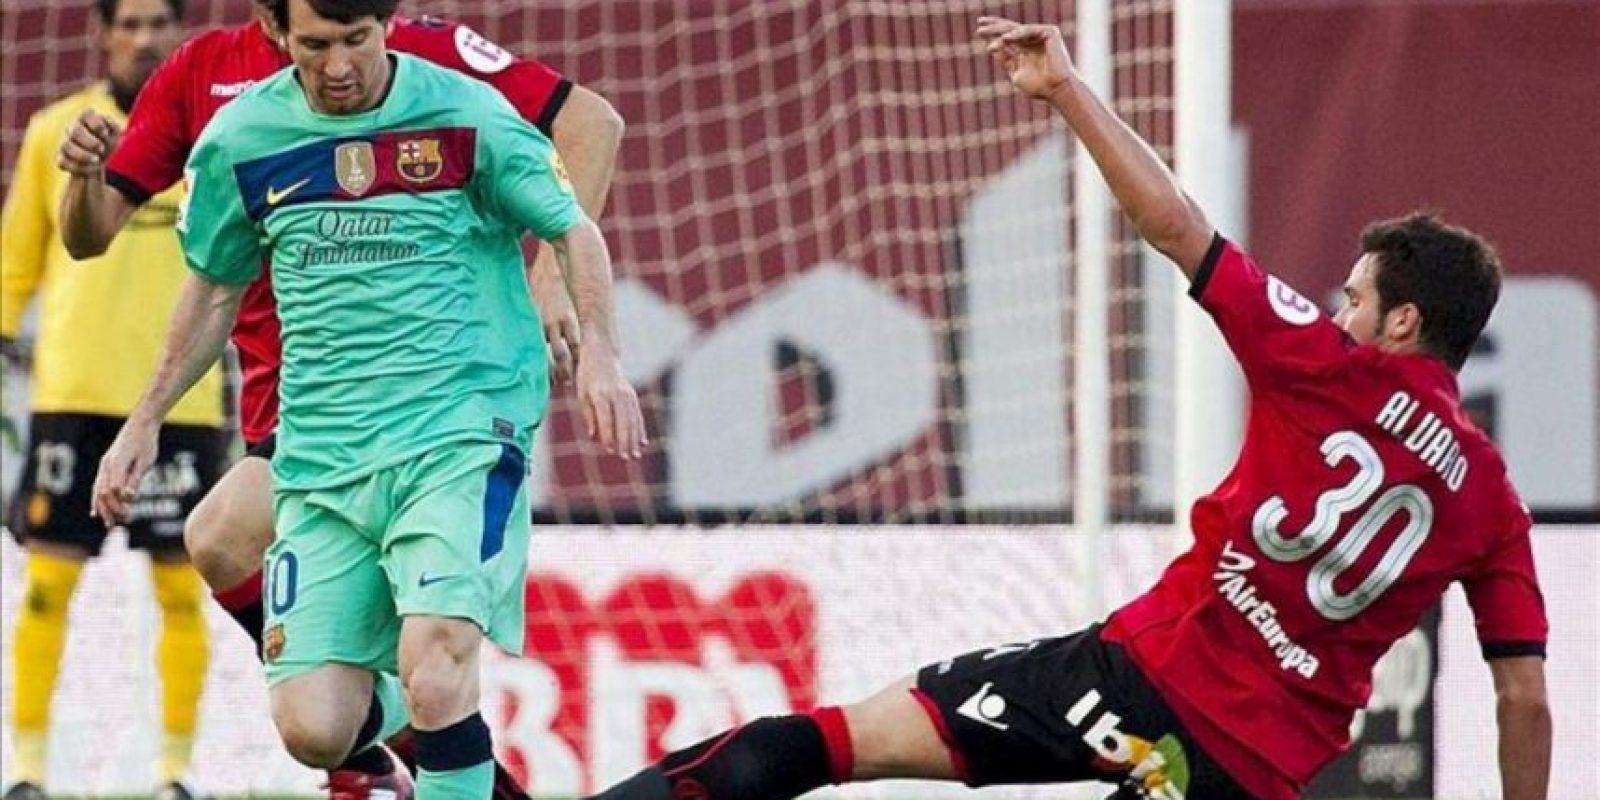 El delantero del RCD Mallorca Alvaro Giménez (d) pelea un balón con el delantero argentino del FC Barcelona Lionel Messi, durante el partido de futbol correspondiente a la trigésima jornada de liga en Primera División en el Iberostar Estadio. EFE